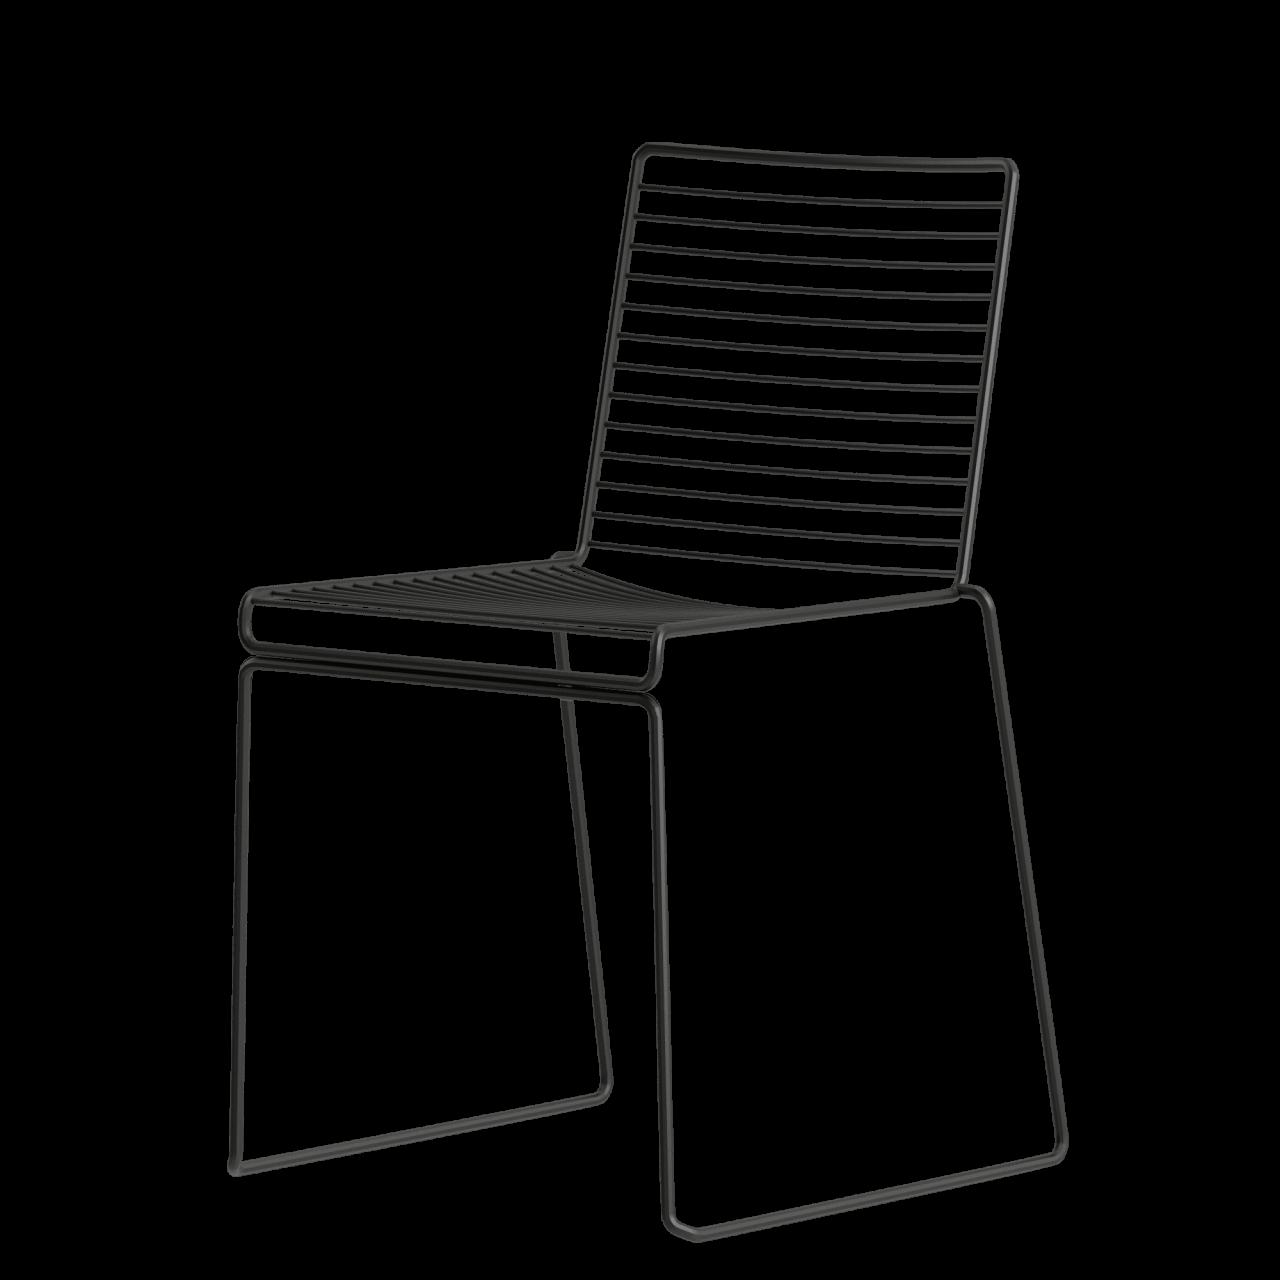 Hee Stuhl